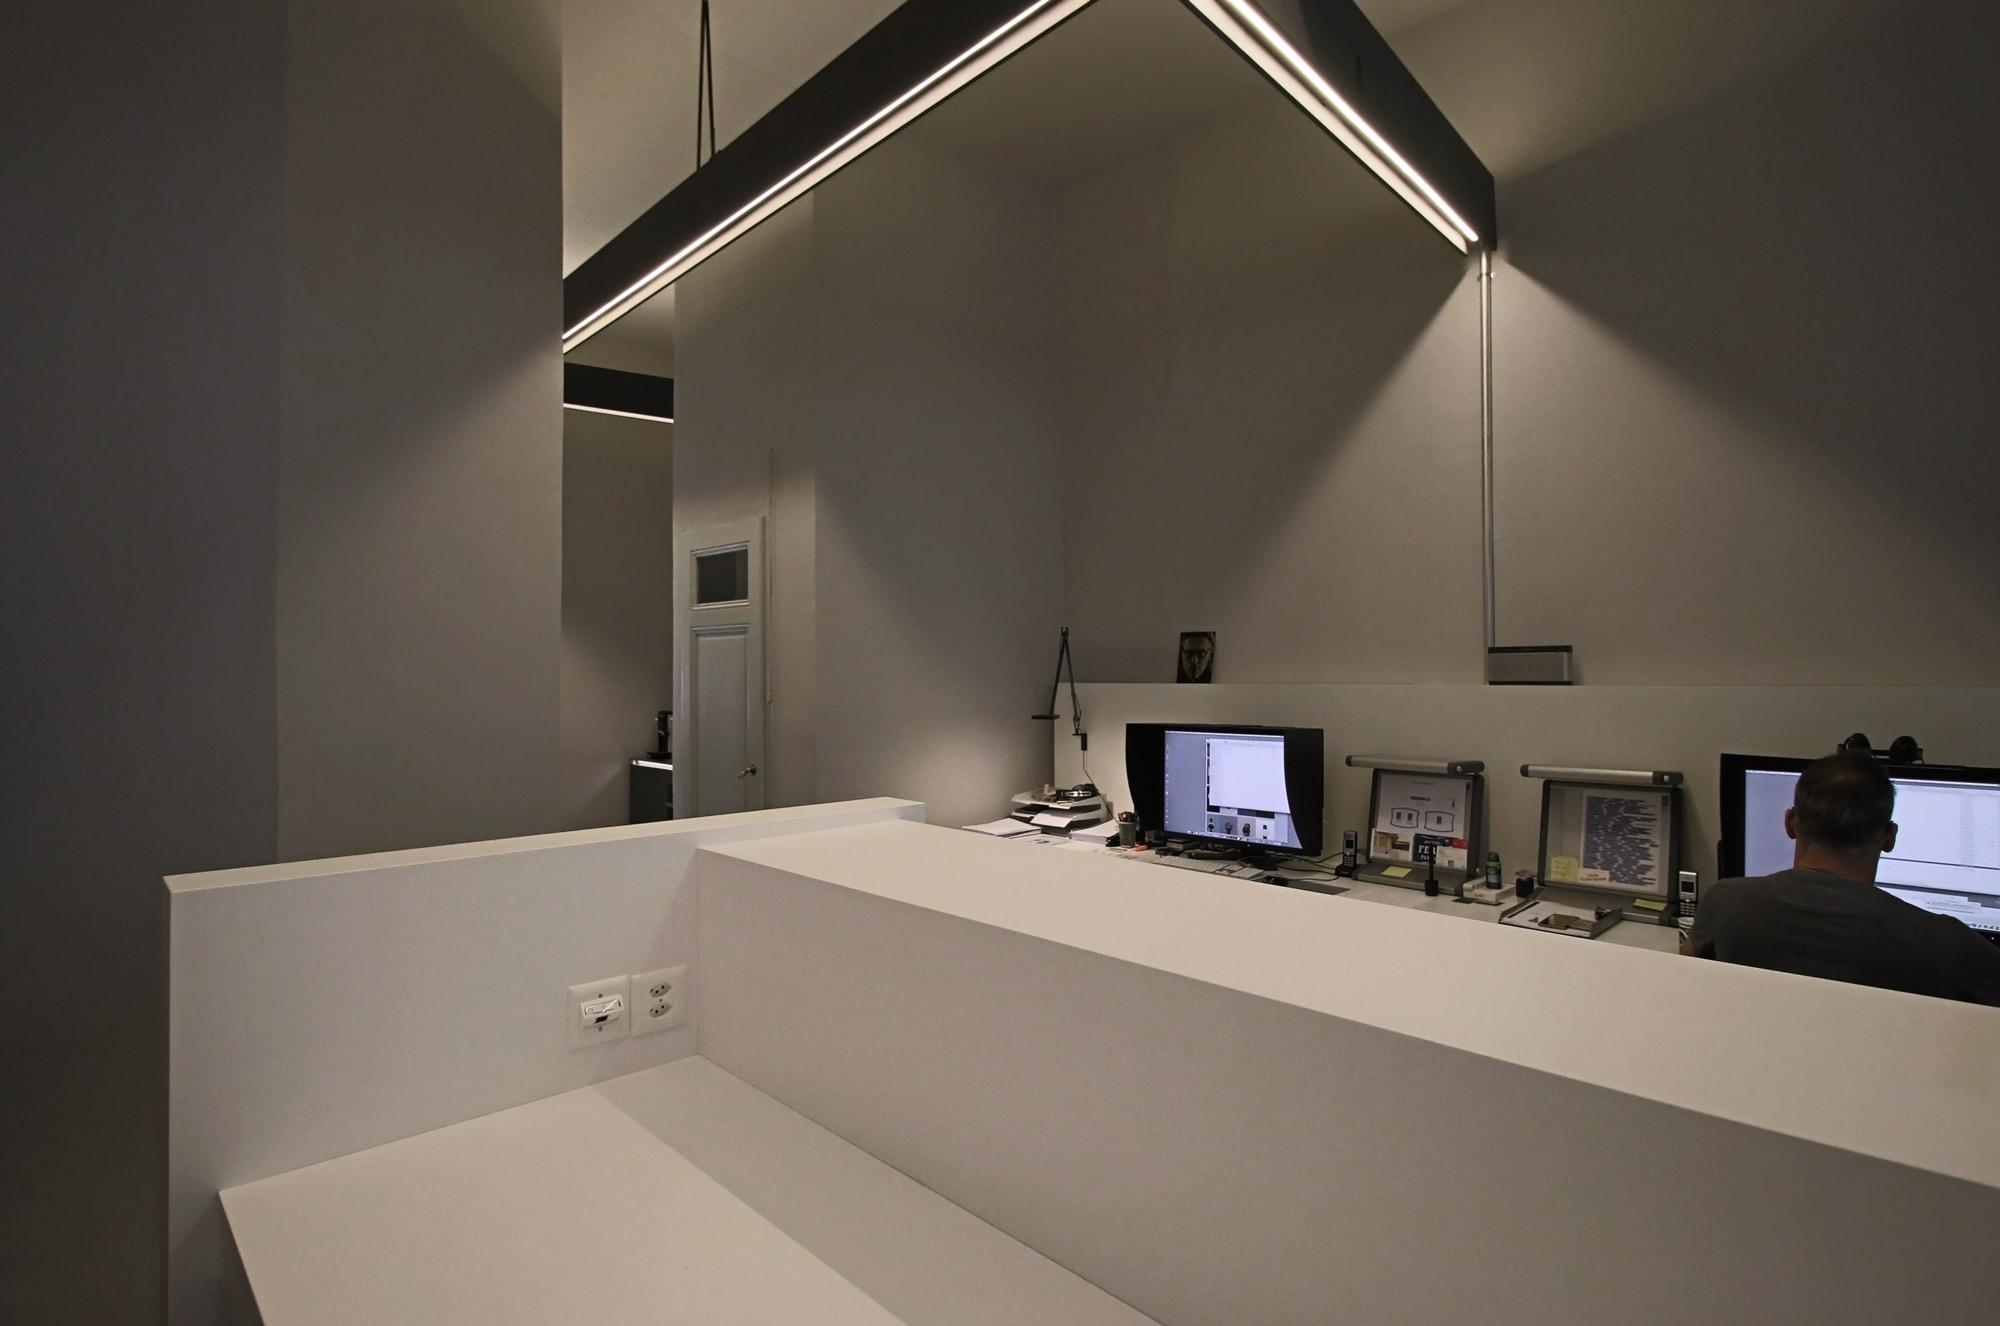 jc-droz-architecture-bombie-002